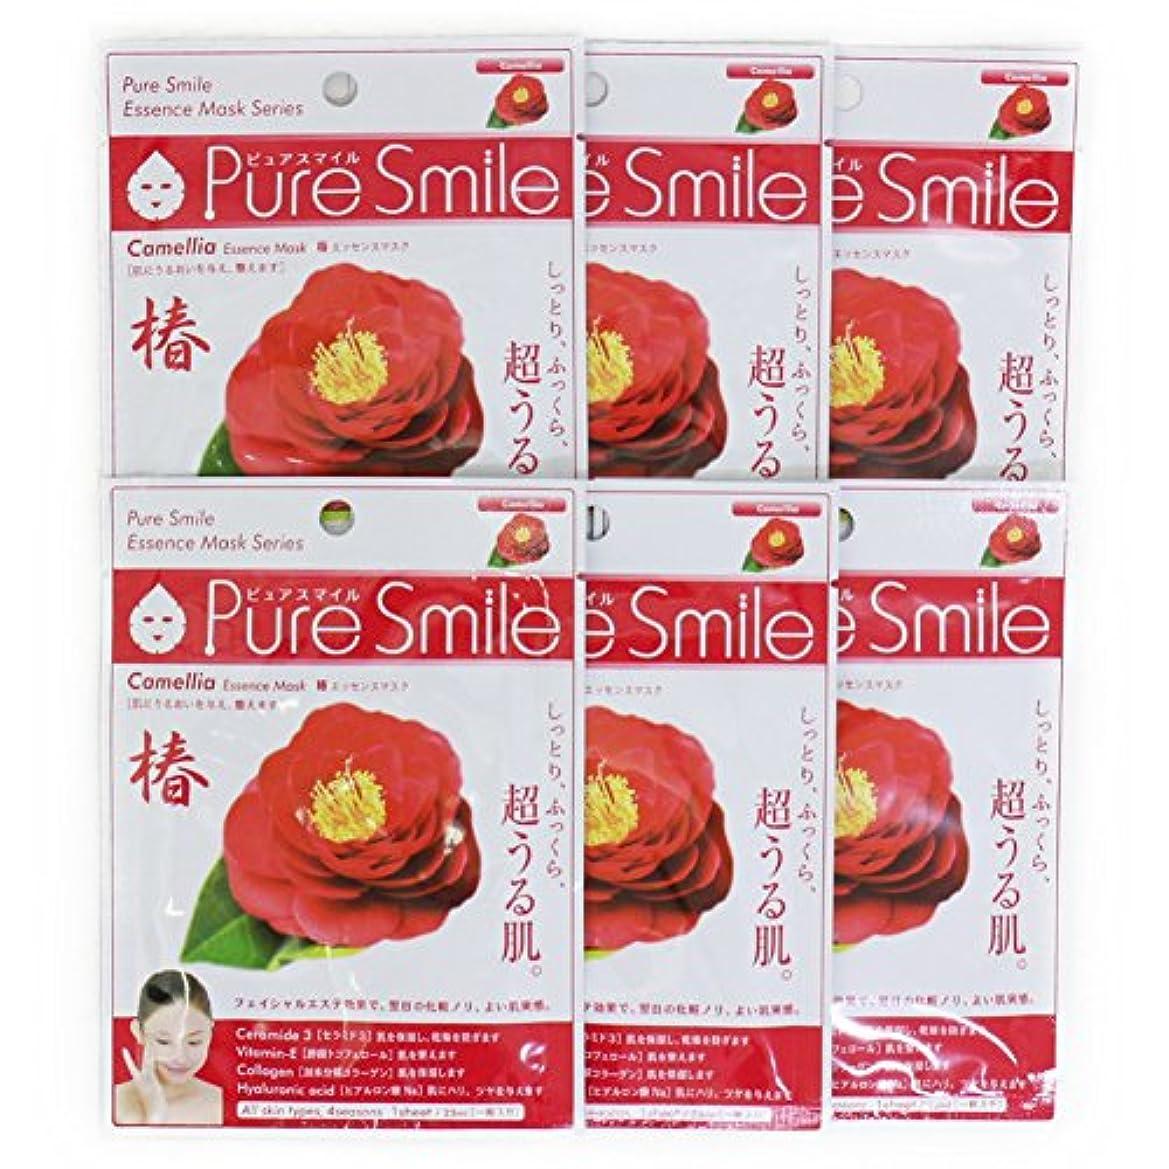 ドループ受け入れ手がかりPure Smile ピュアスマイル エッセンスマスク 椿 6枚セット